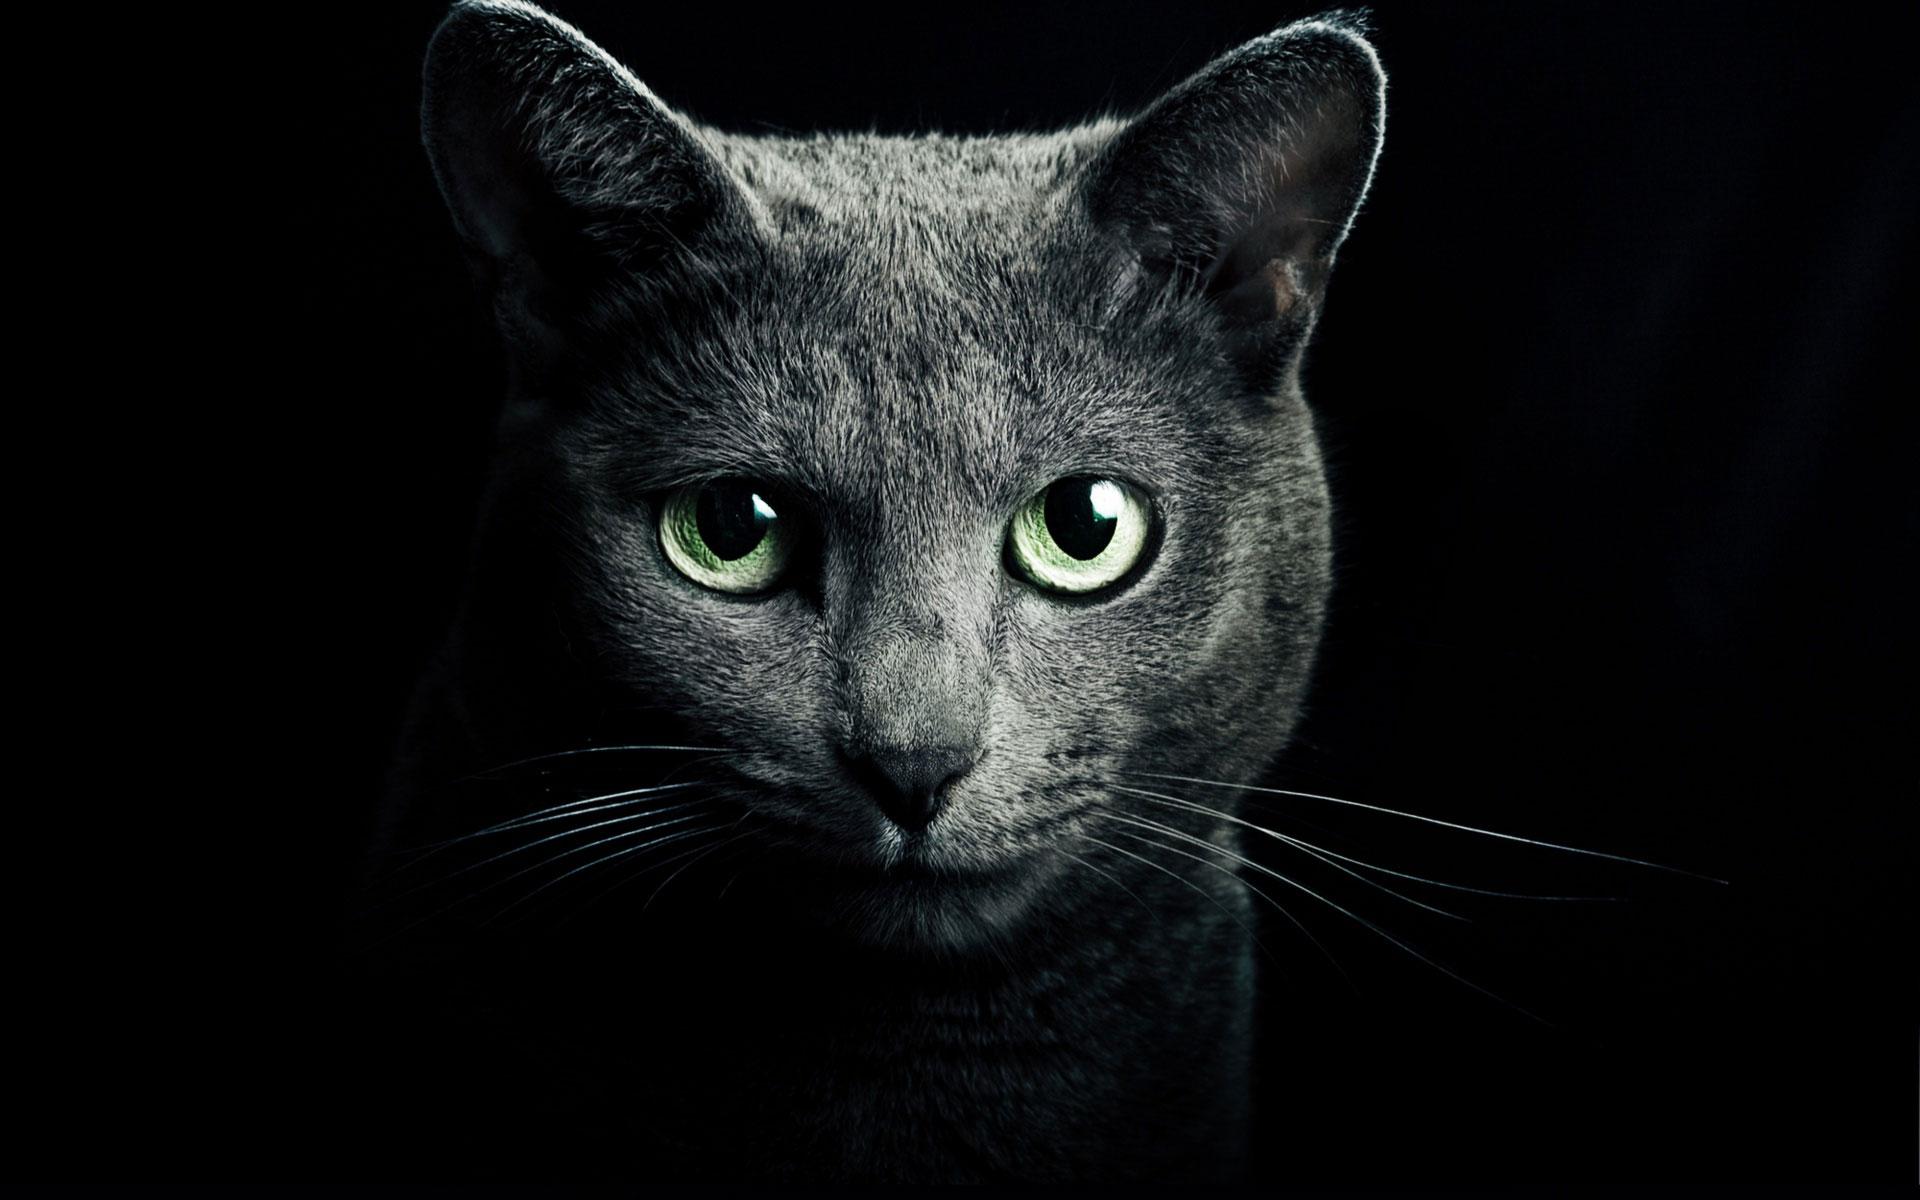 Клонирование умершего кота: хозяин не смог расстаться с любимцем. Новости мира